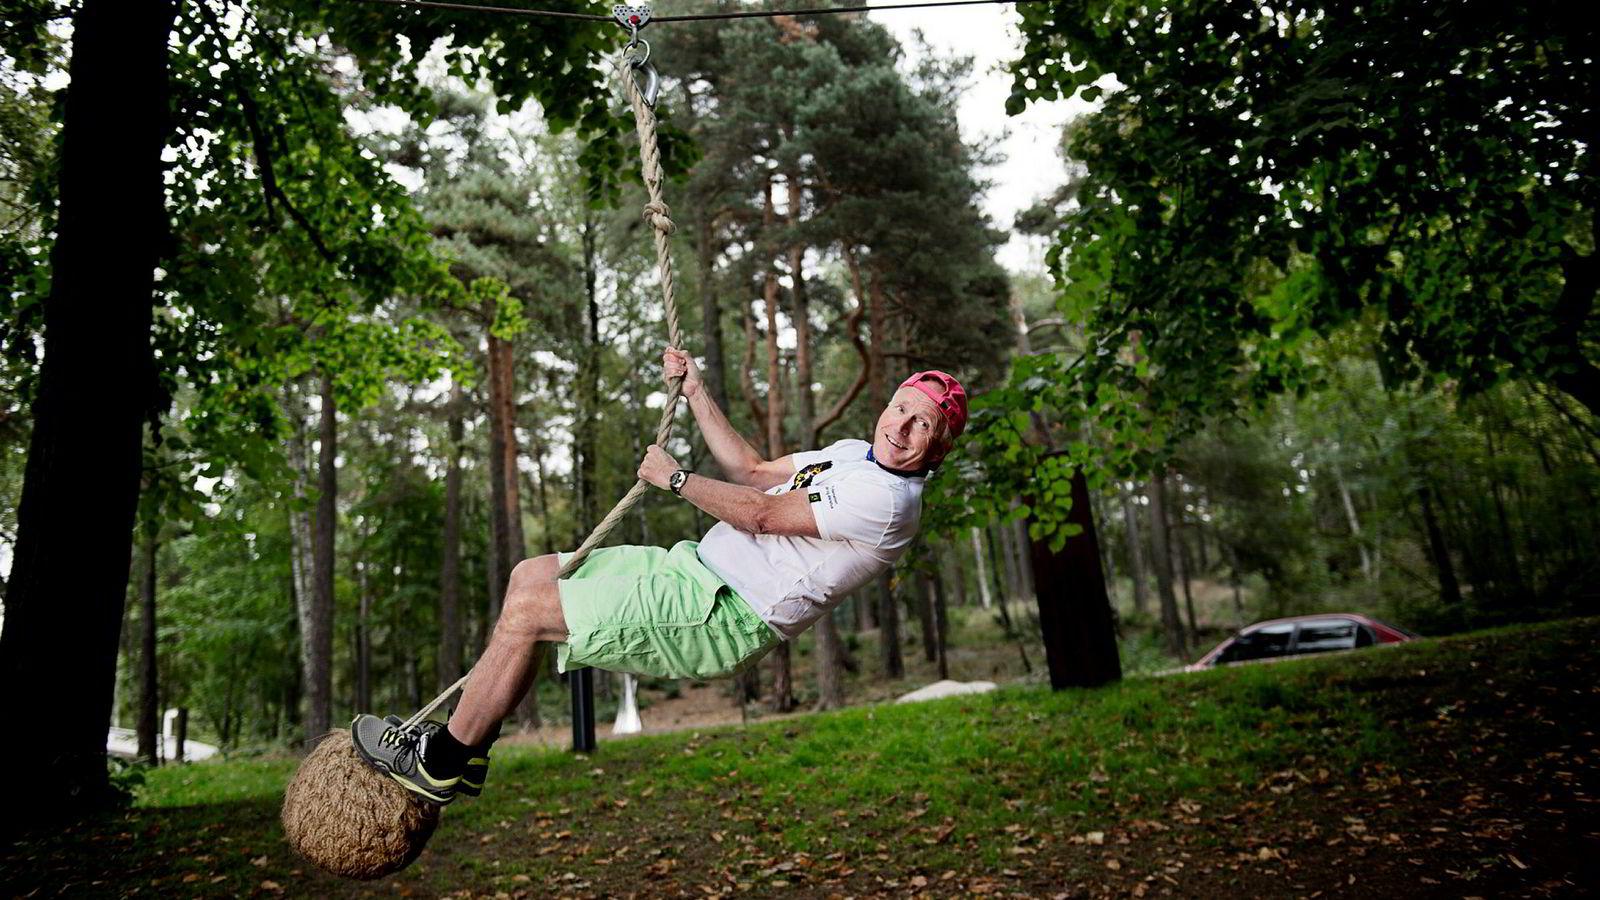 Christian Ringnes i klatreparken på Ekeberg i Oslo, som åpnet i 2014 da skulpturparken markerte ettårsjubileum.